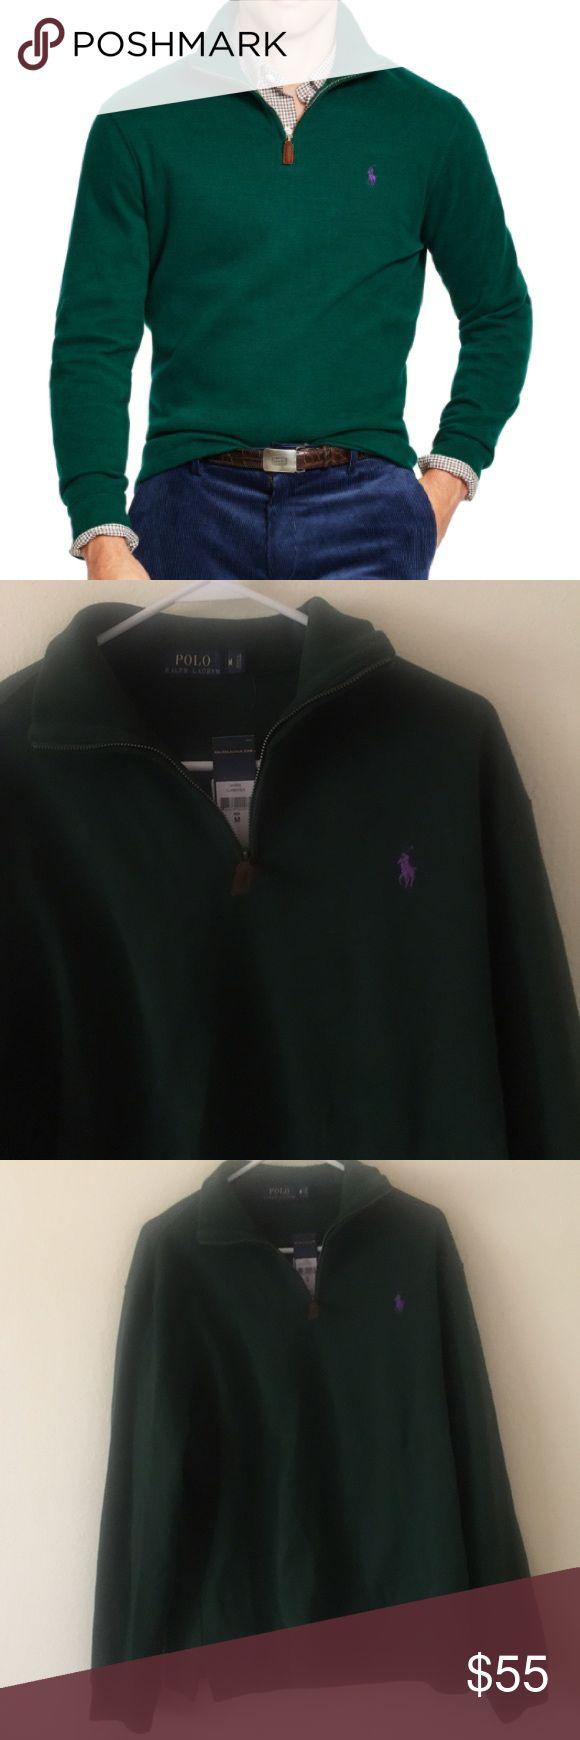 NWT Men's Ralph Lauren Green half zip pullover New with tags men's Ralph Lauren dark green half zip pullover Lauren Ralph Lauren Sweaters